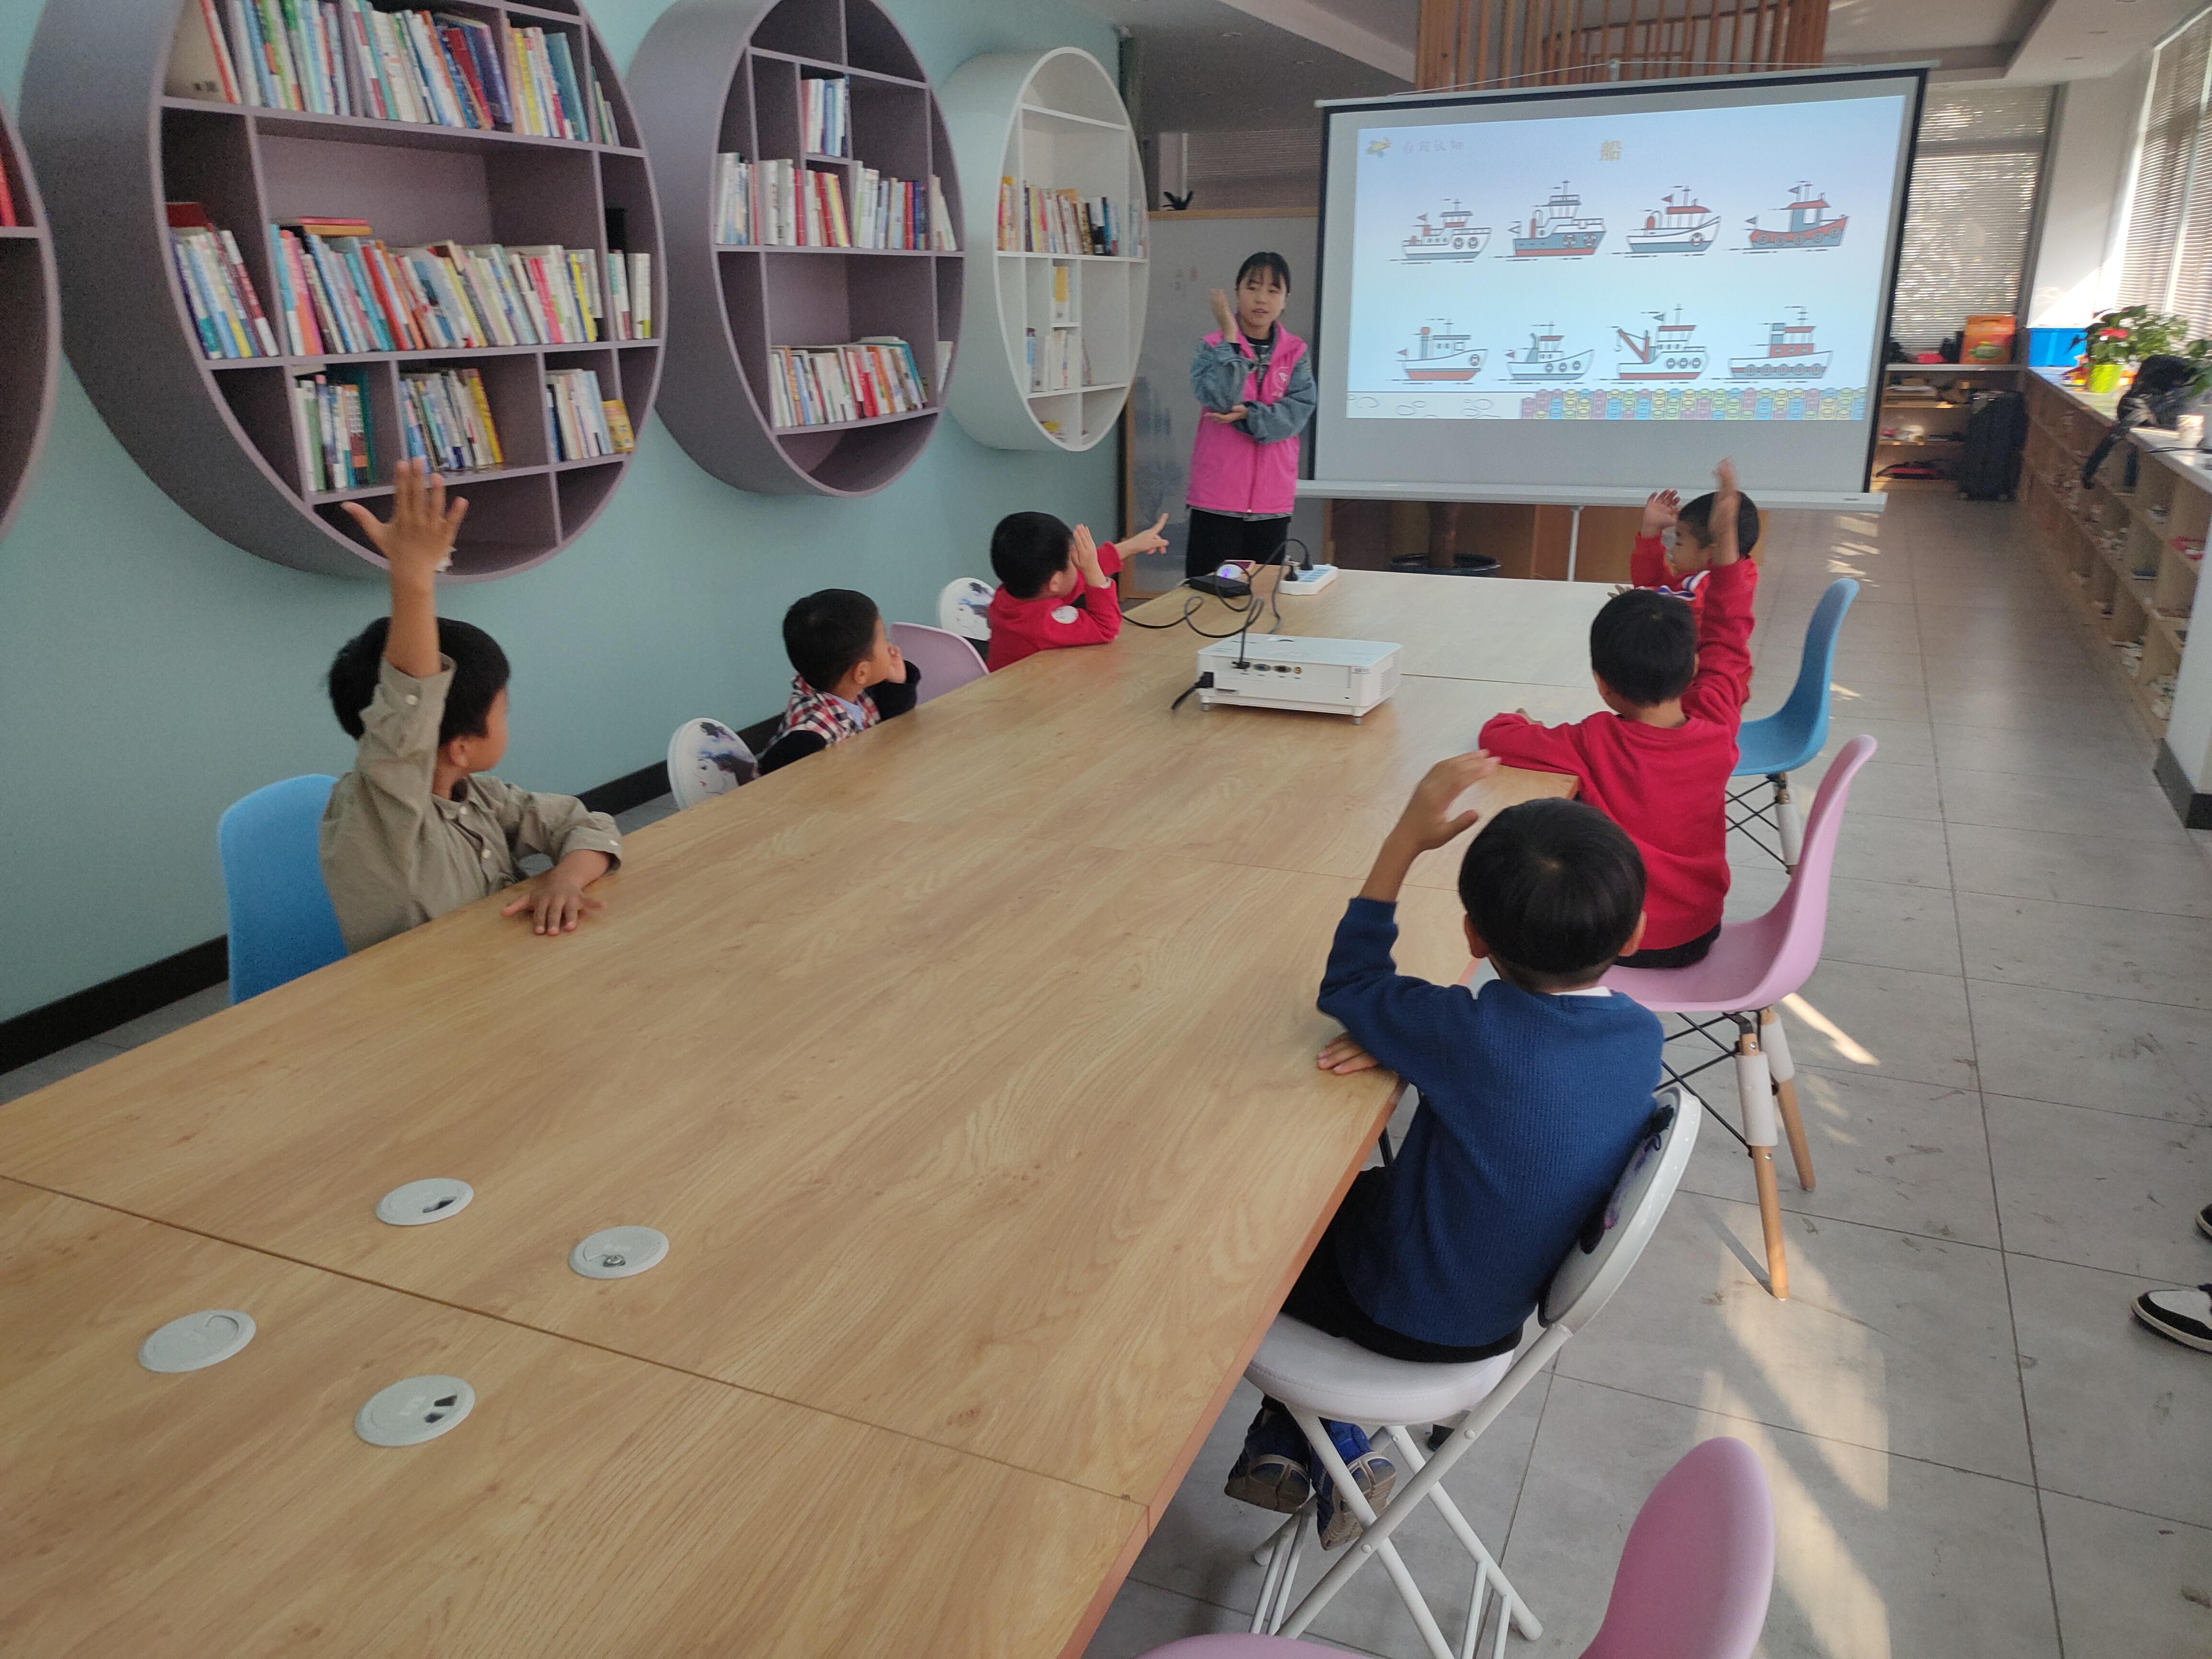 党员同学在余杭区友谊社区进行乐高课程教学